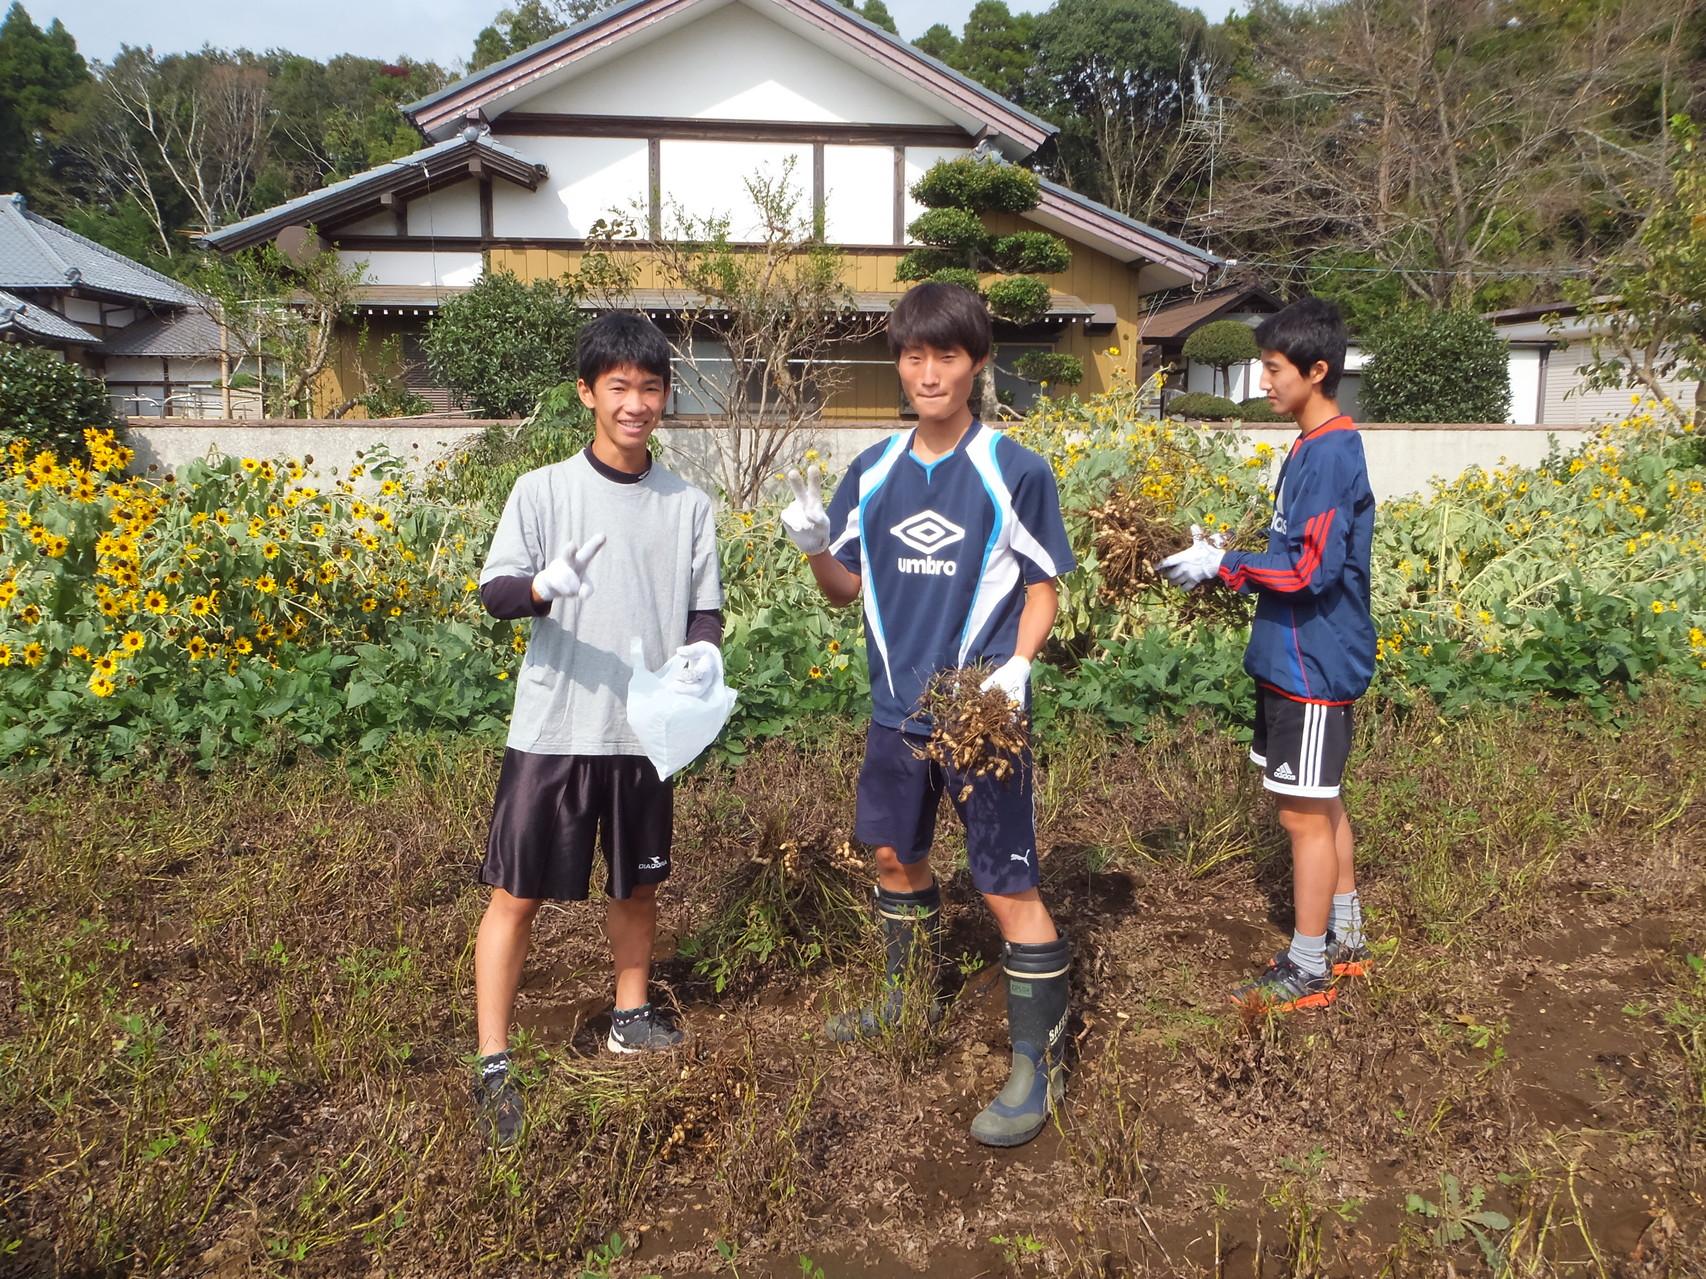 2014.10.11 ピーナッツフェスタ (畑サッカー)